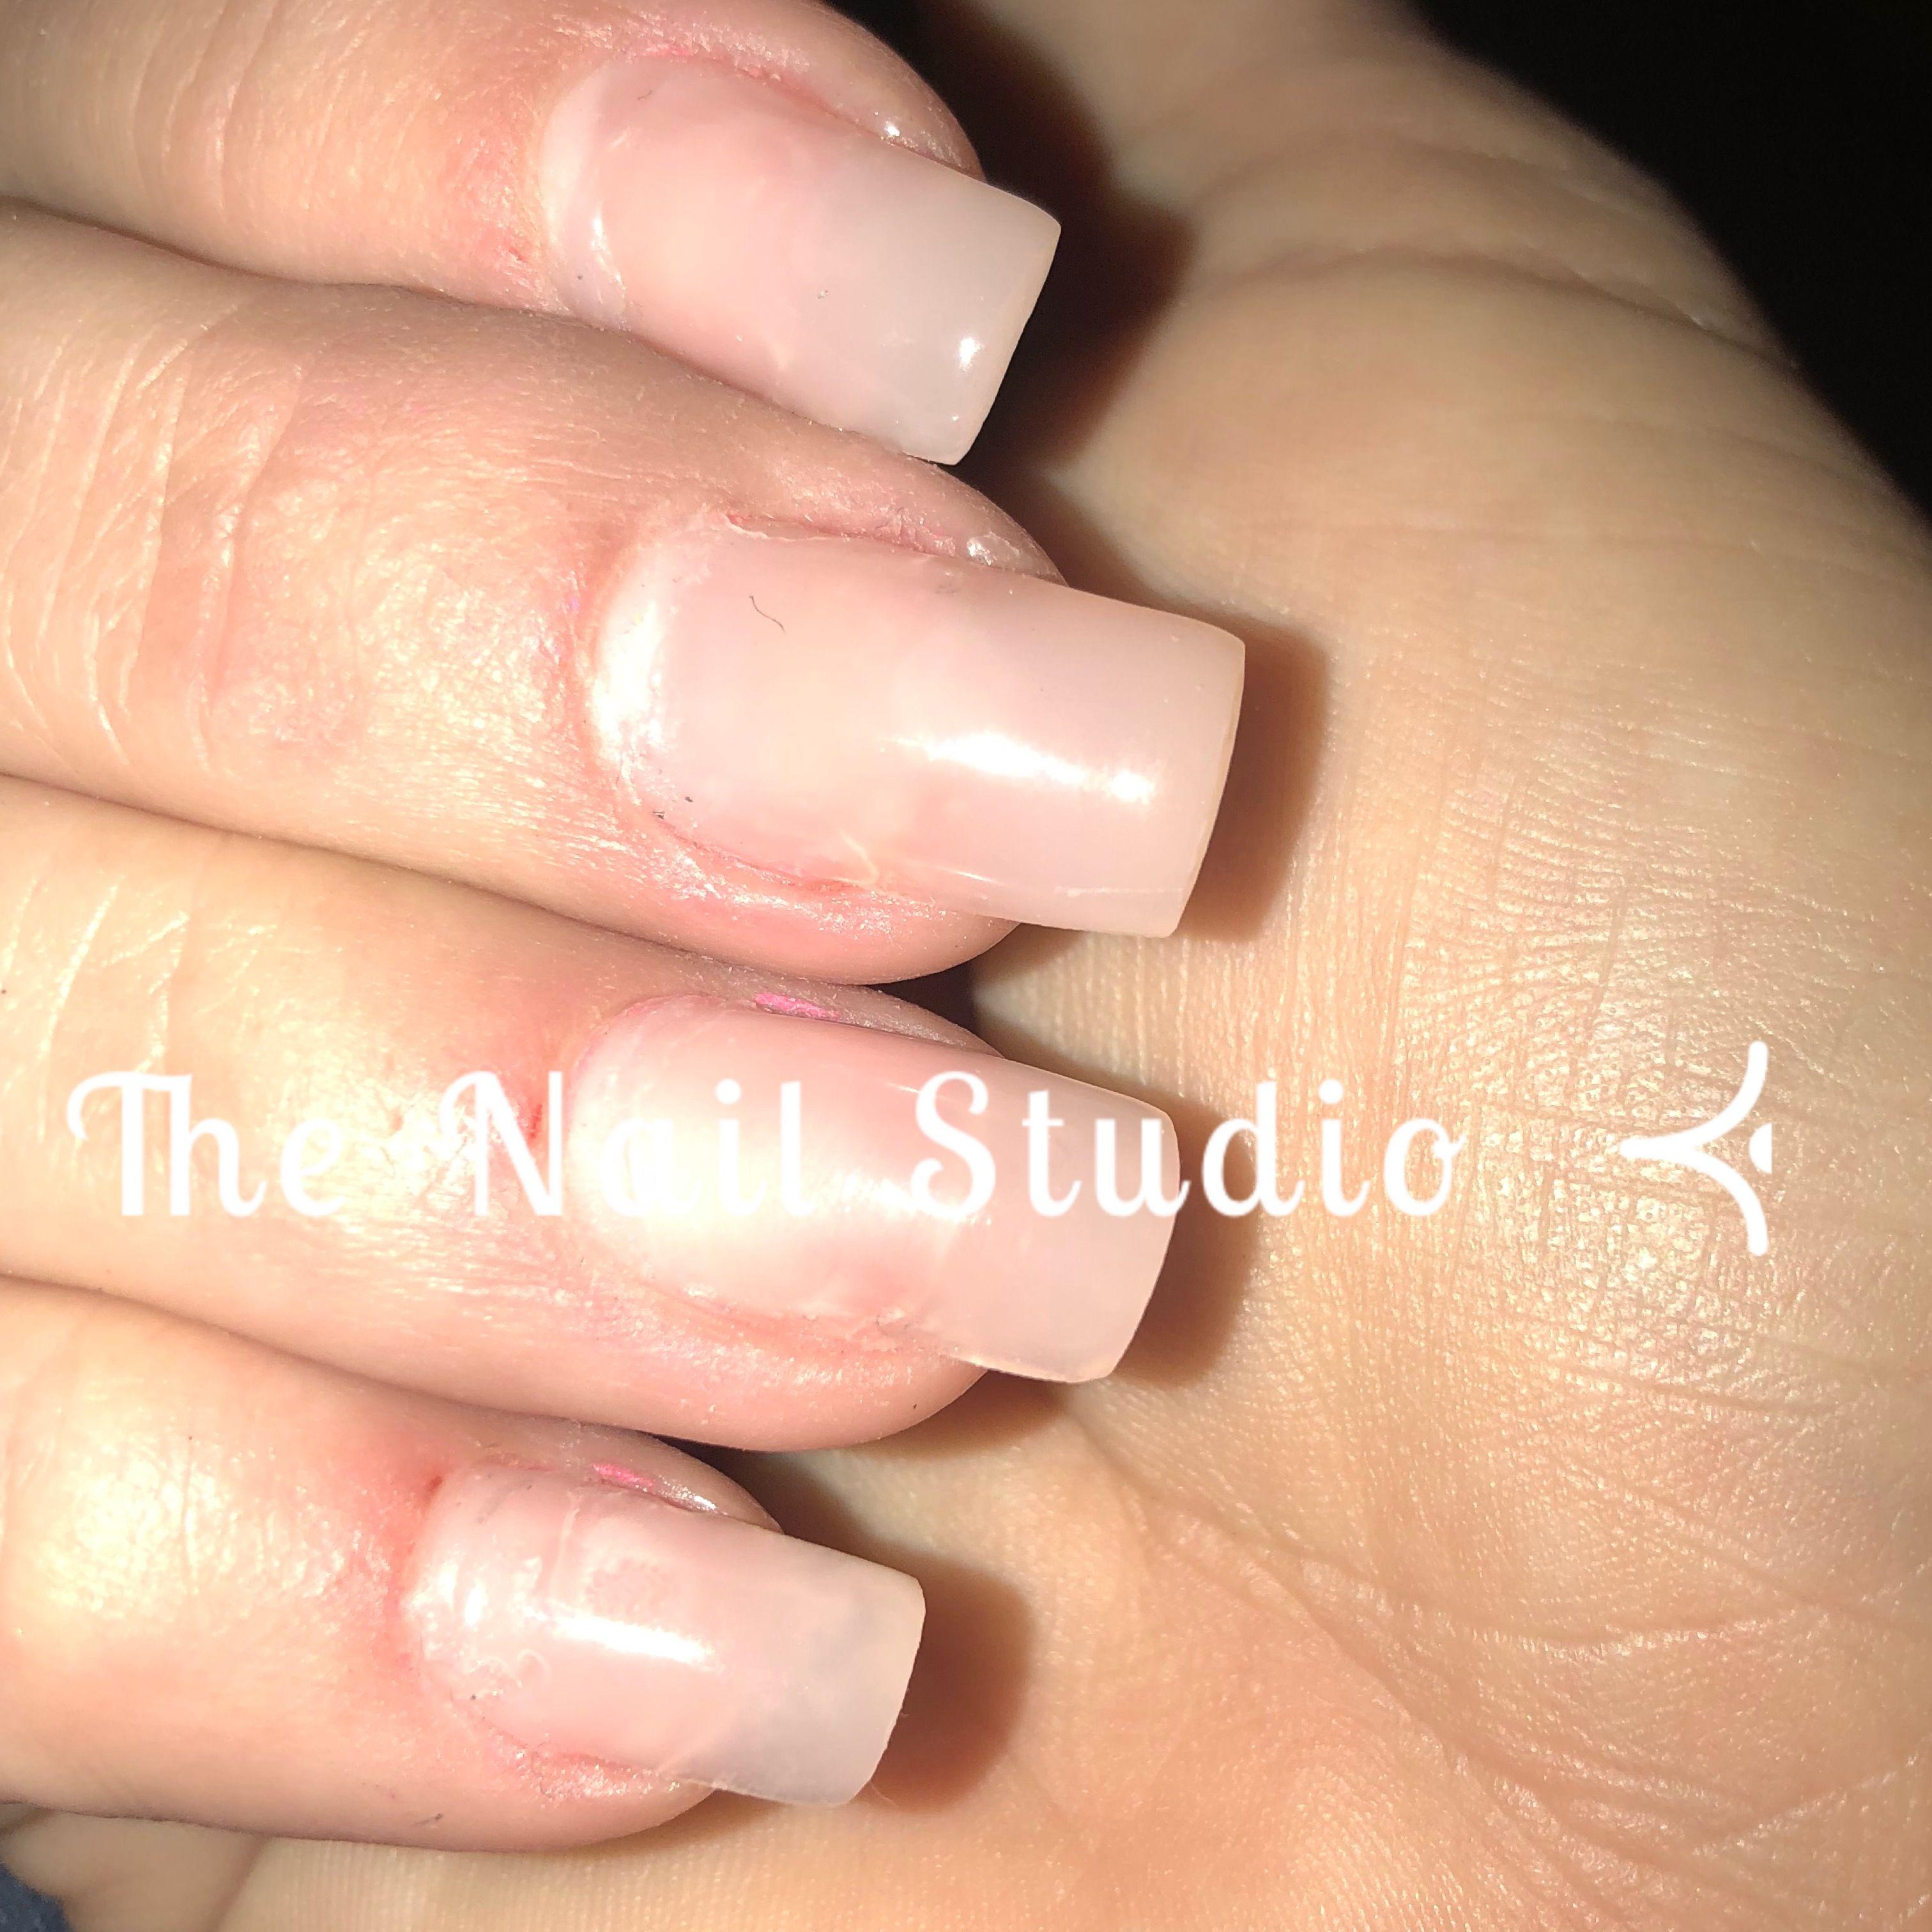 Poly Gel Using Dual Forms The Nail Studio In Salem Ar Nail Studio Nails Nail Polish